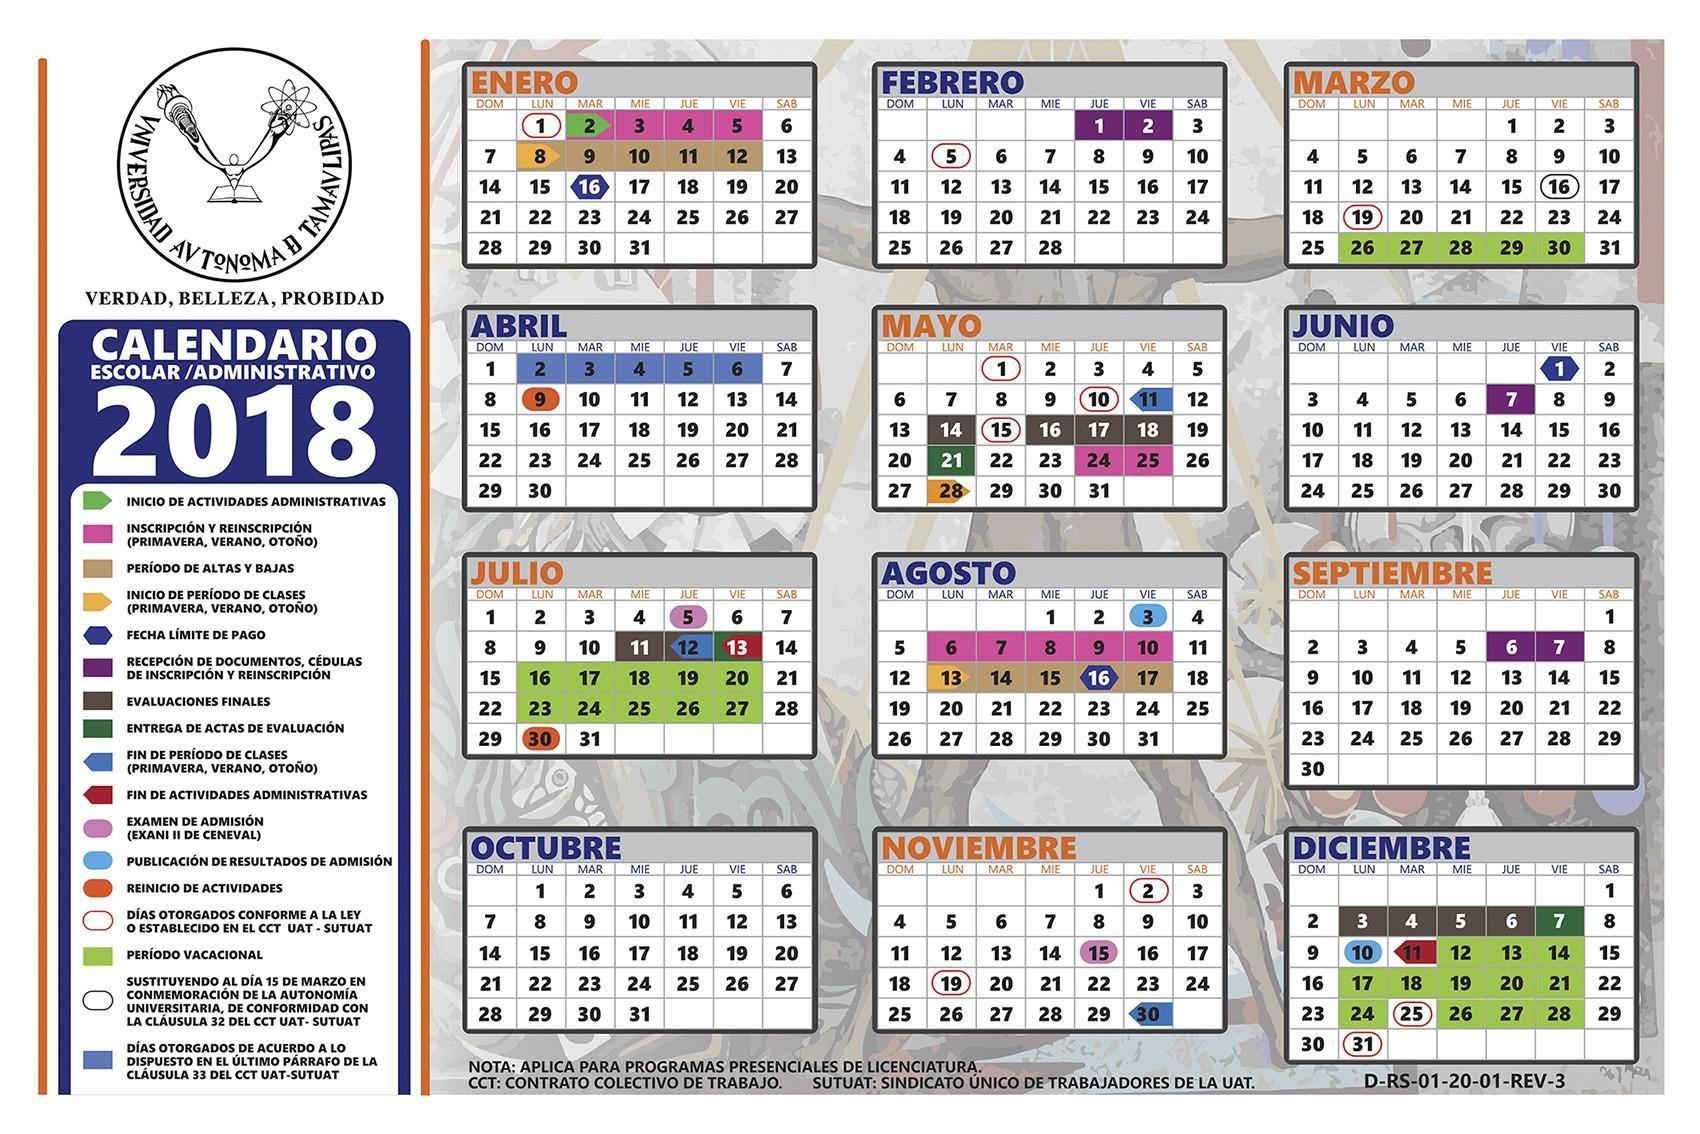 Calendario Escolar Administrativo 2018 · Calendario Escolar Administrativo 2019